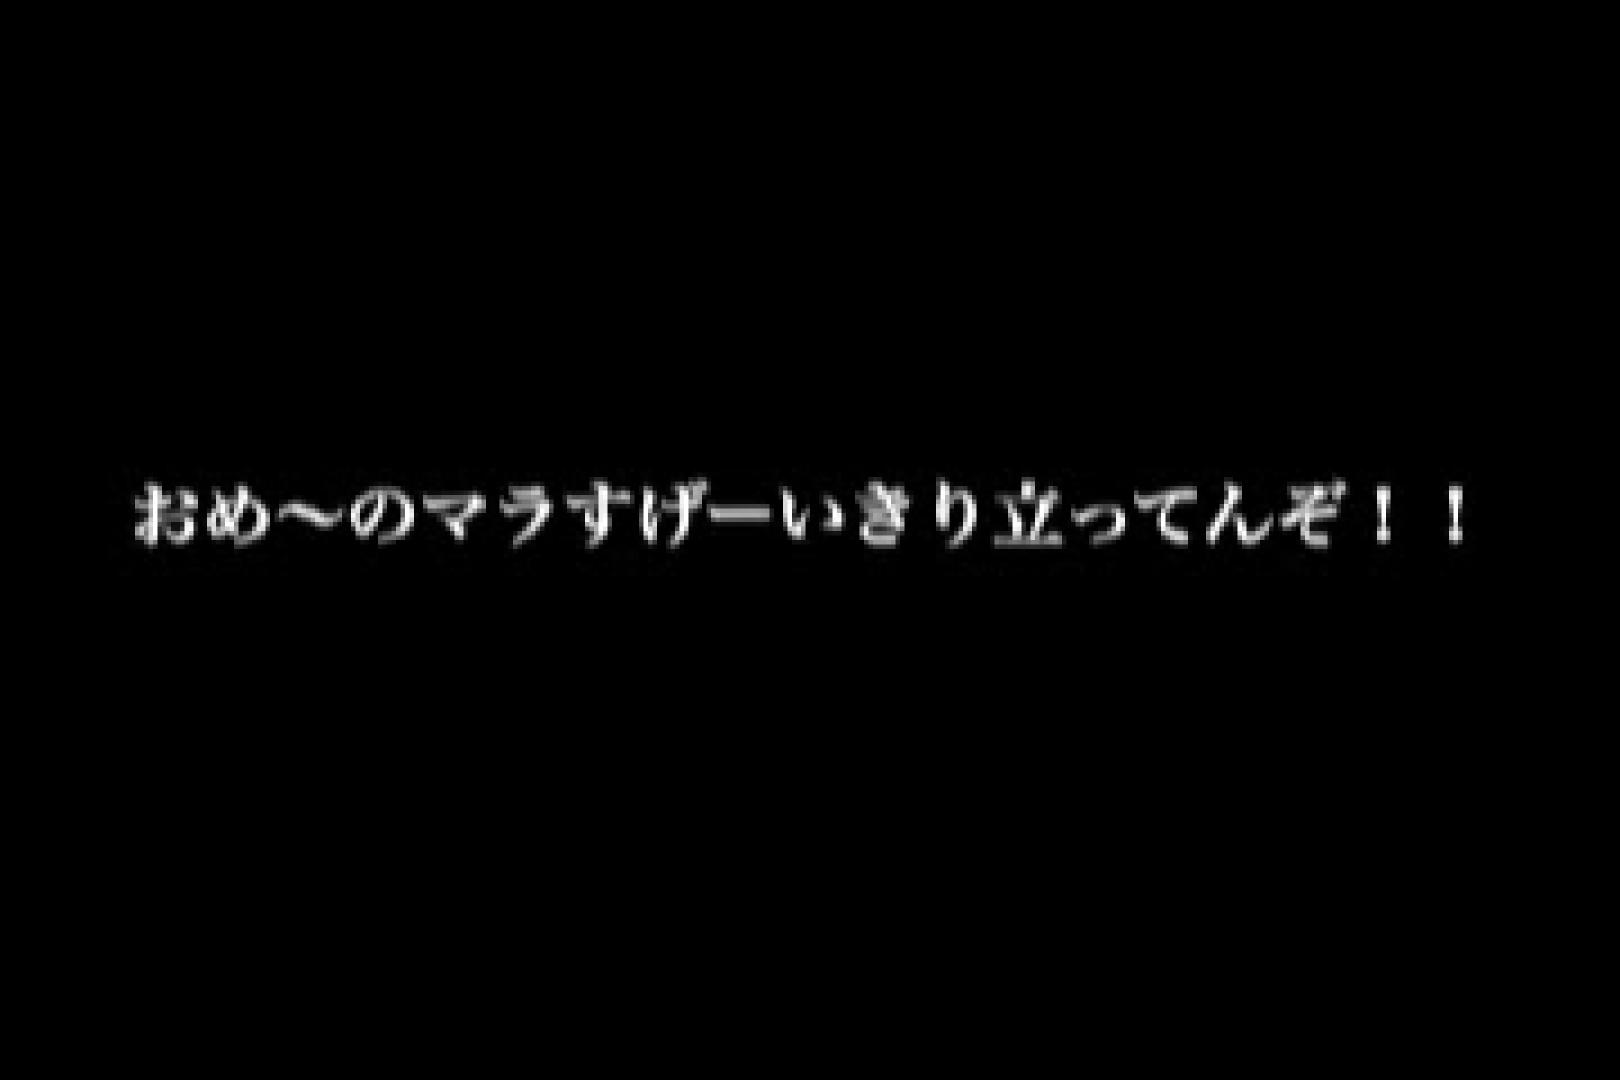 ラグビー部物語!オナニー野郎に先輩の教育! 手コキ AV動画 71pic 35